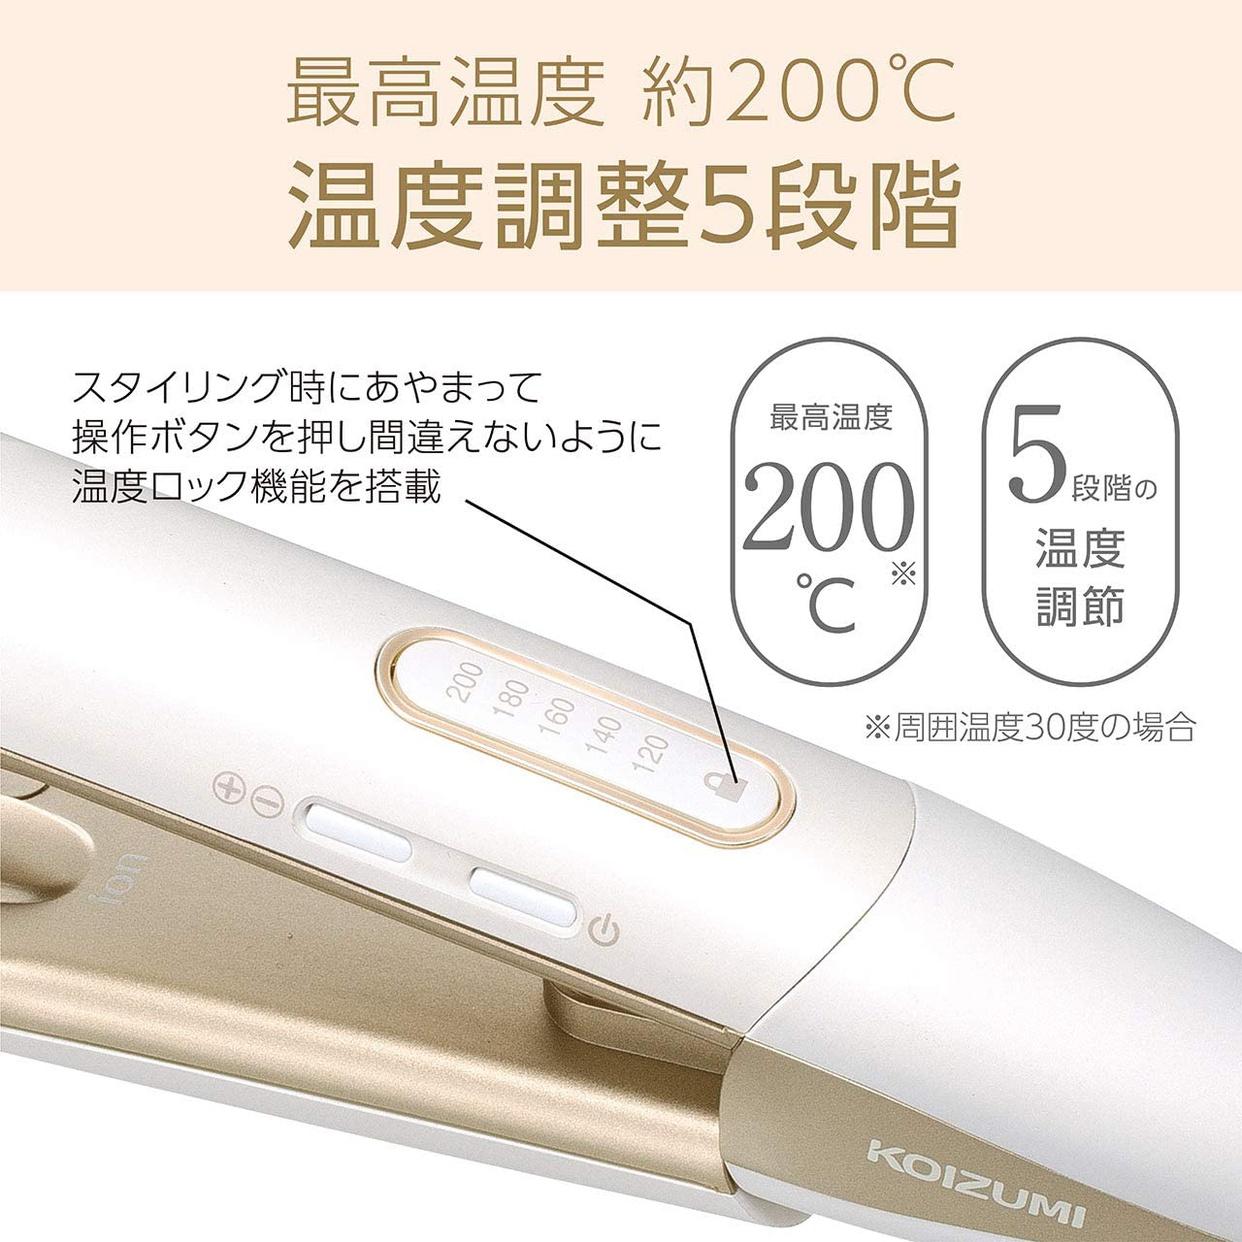 KOIZUMI(コイズミ) サロンセンス 300  マイナスイオンストレートアイロン KHS-8720の商品画像2